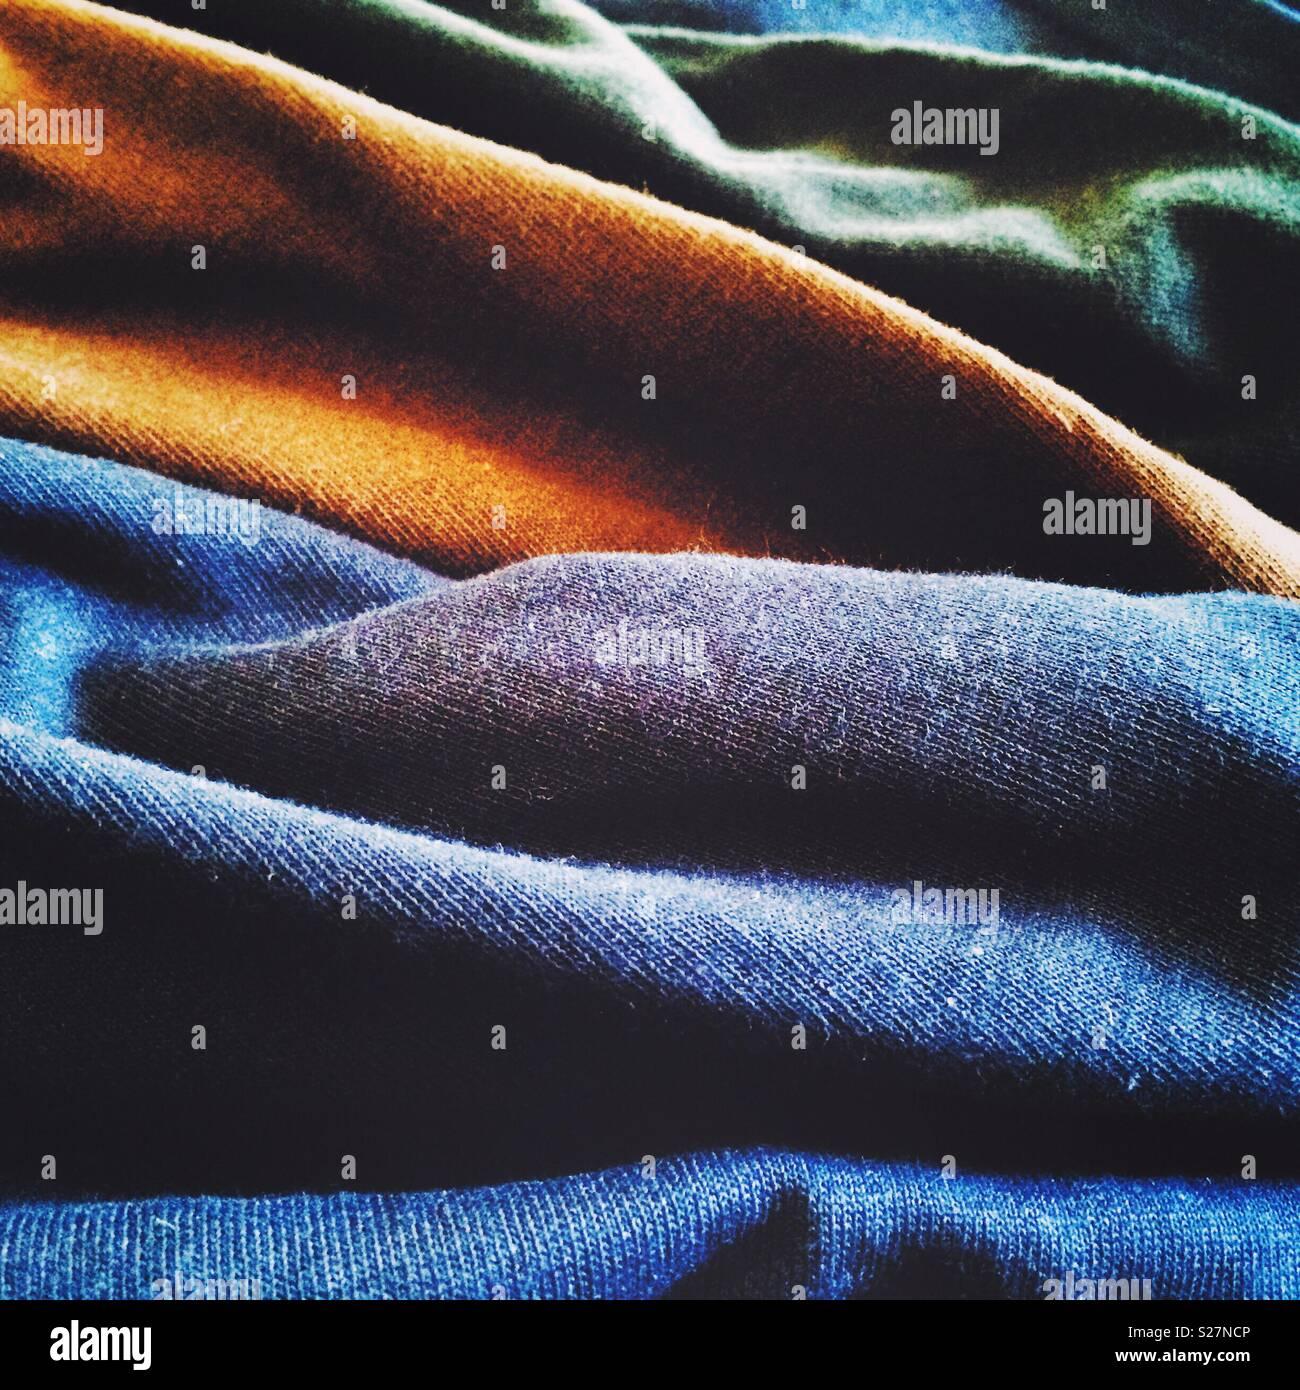 Licht und Schatten erzeugen Wellen von farbenfrohen Stoffen Stockbild